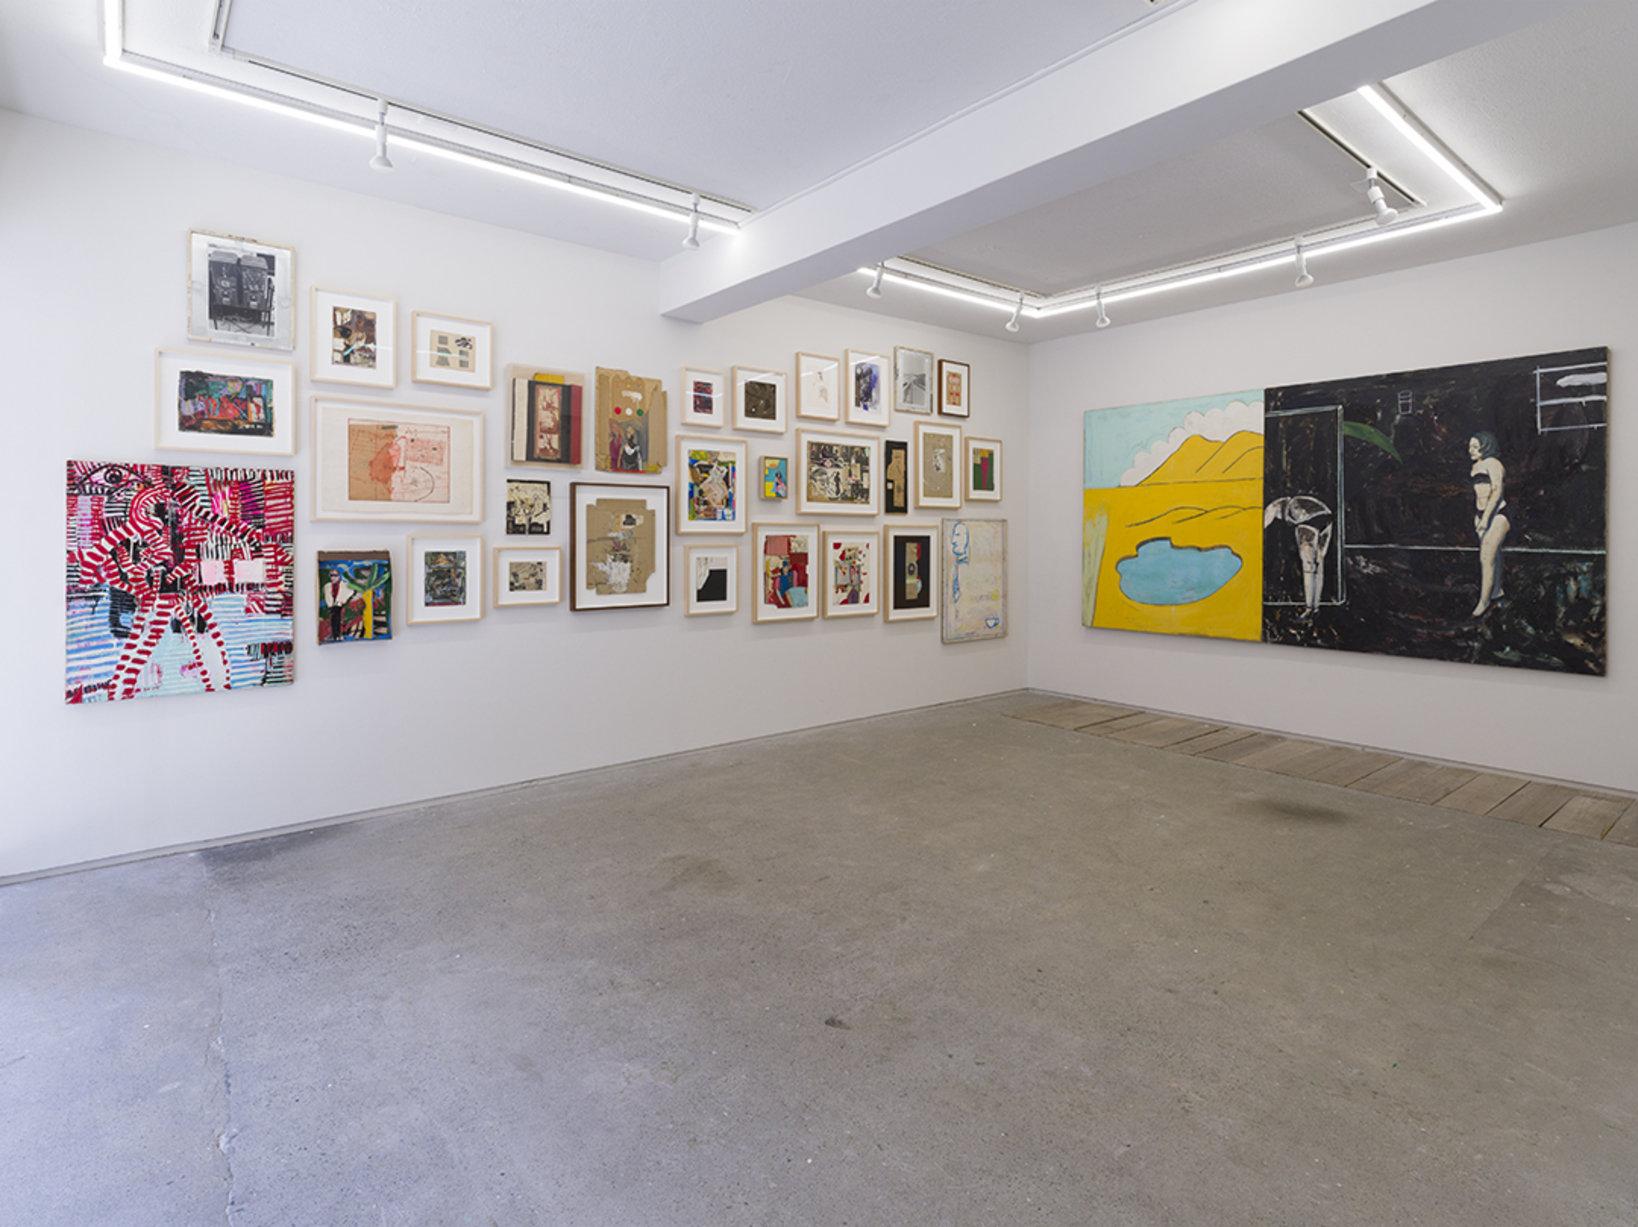 Installation view of Shinro Ohtake 1975–1989 at Take Ninagawa, Tokyo, 2019, ©︎ Shinro Ohtake, courtesy of Take Ninagawa, Tokyo. Photo by Kei Okano